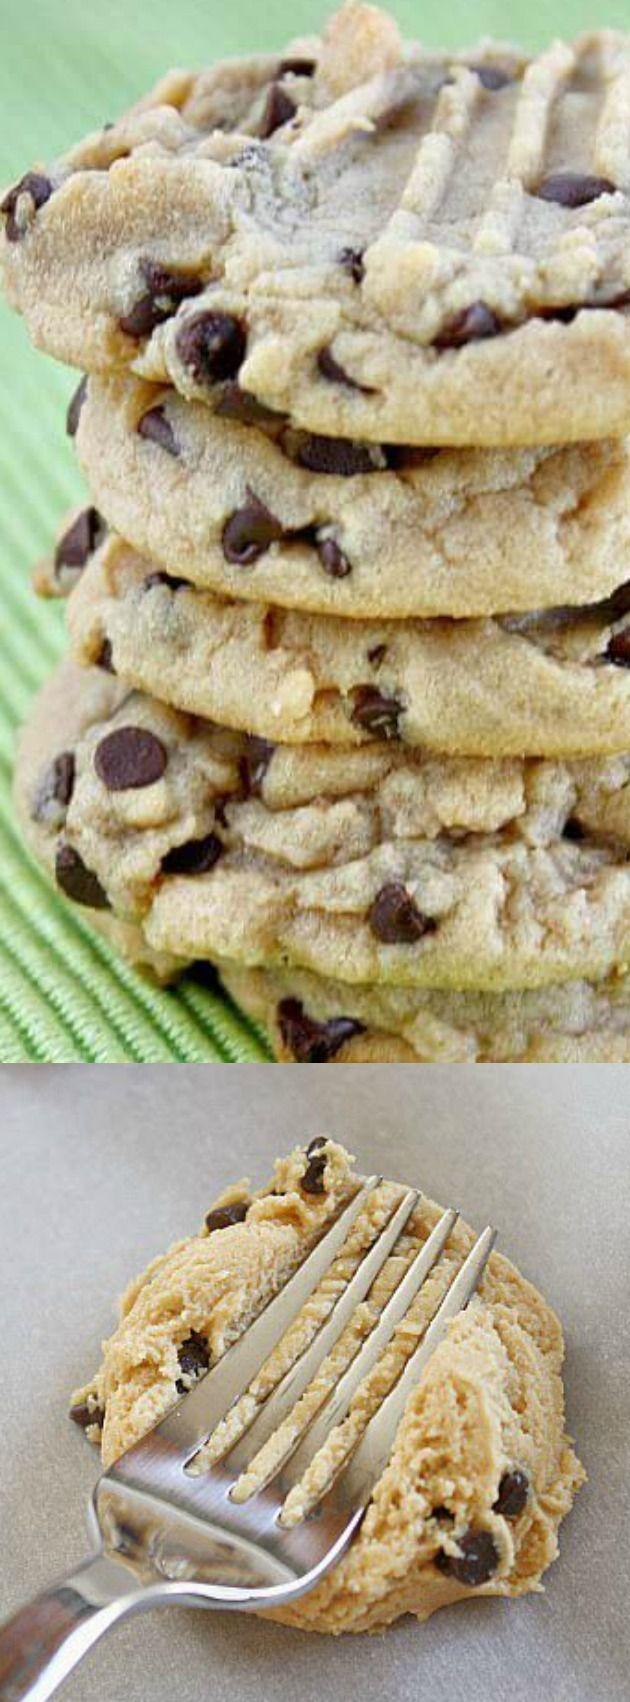 Best 20+ Chocolate chips ideas on Pinterest | Gluten free ...